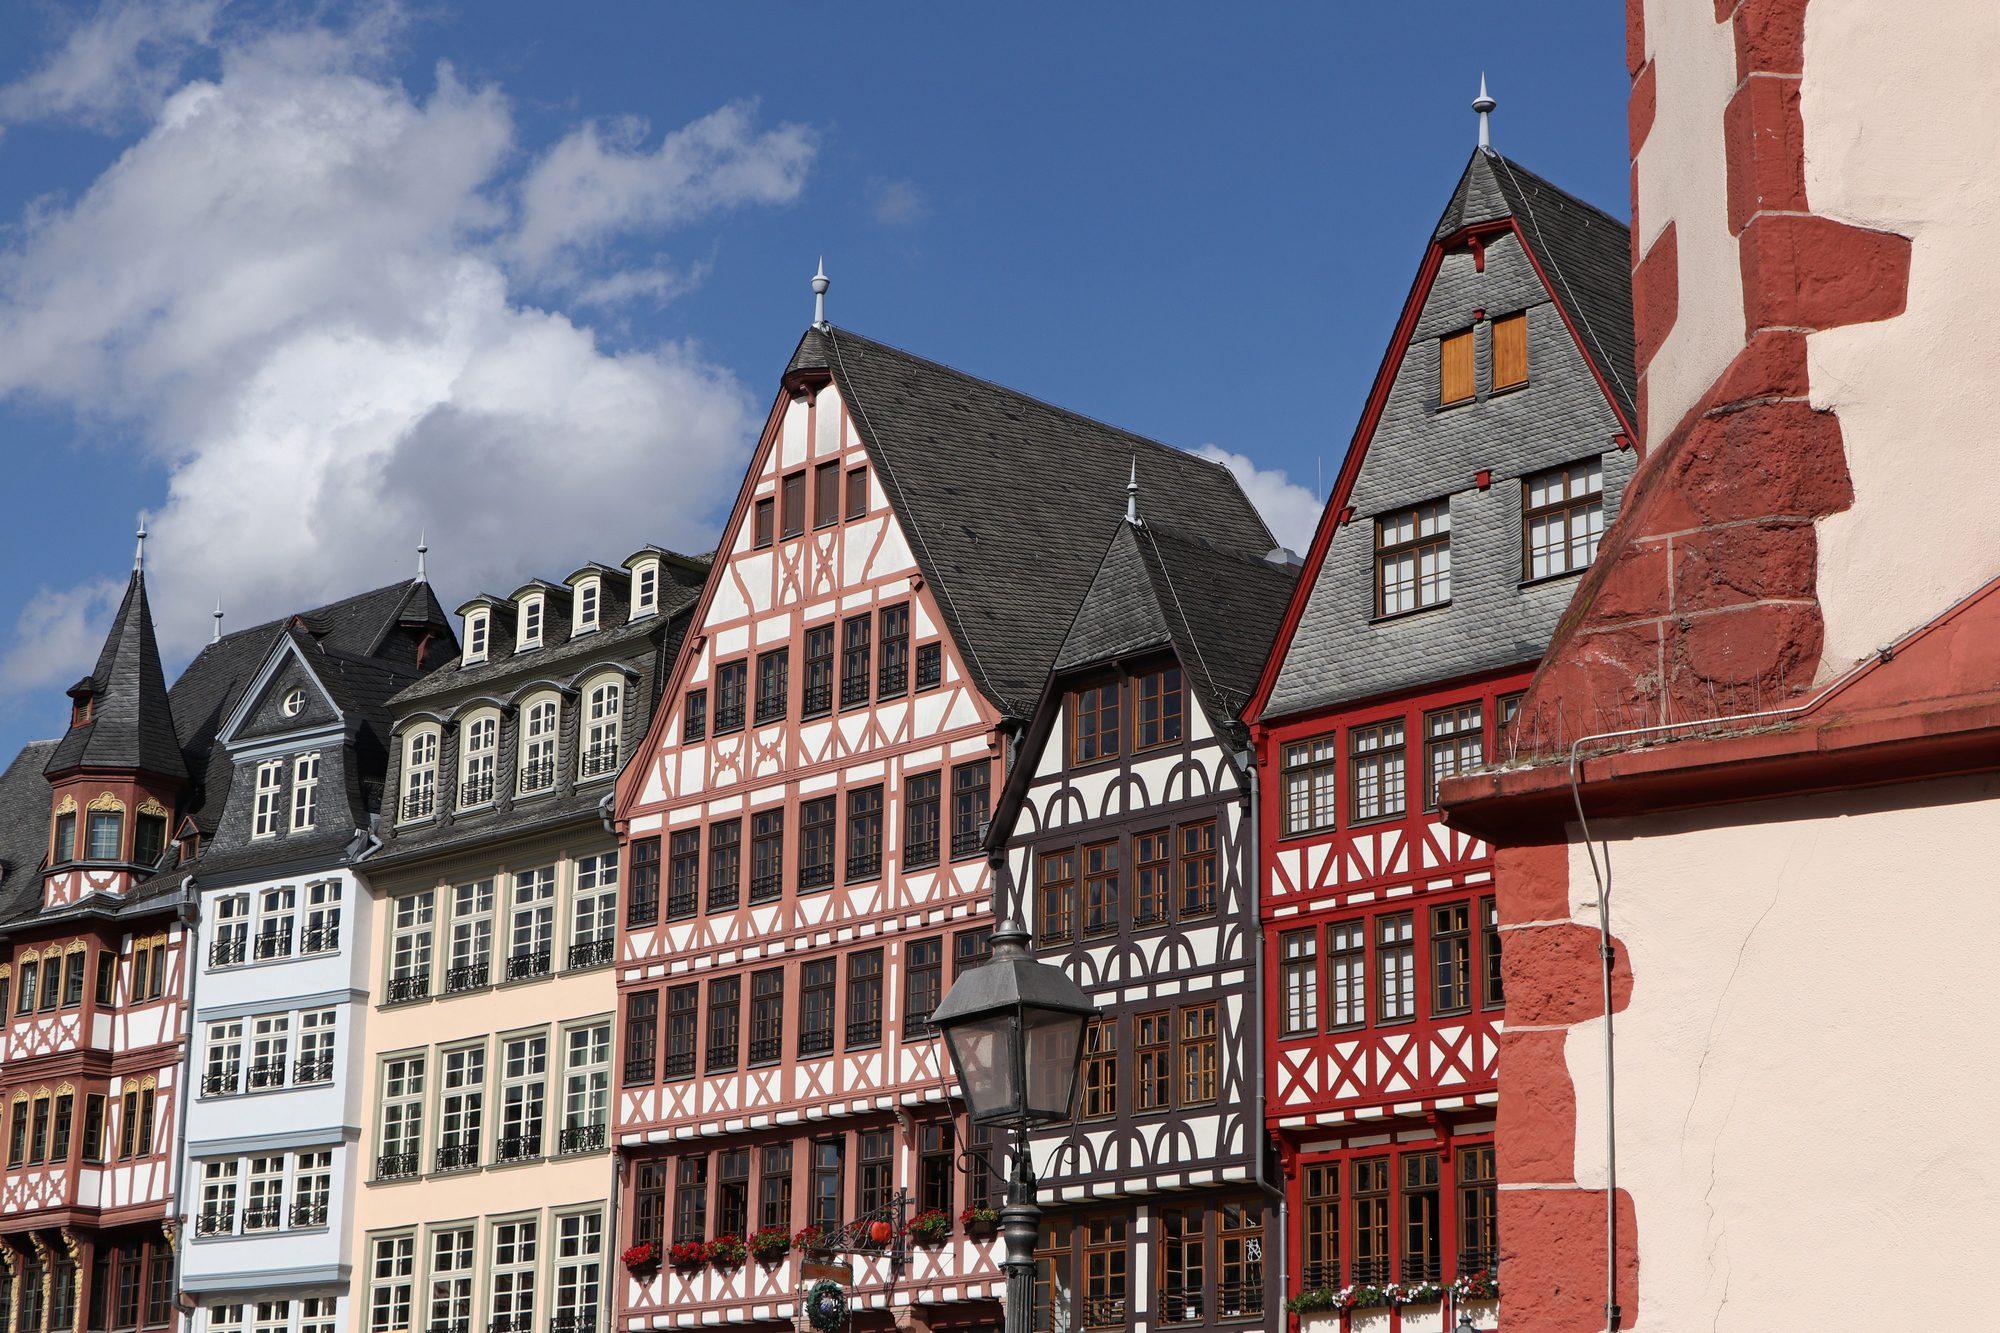 Altstadt in Frankfurt am Main